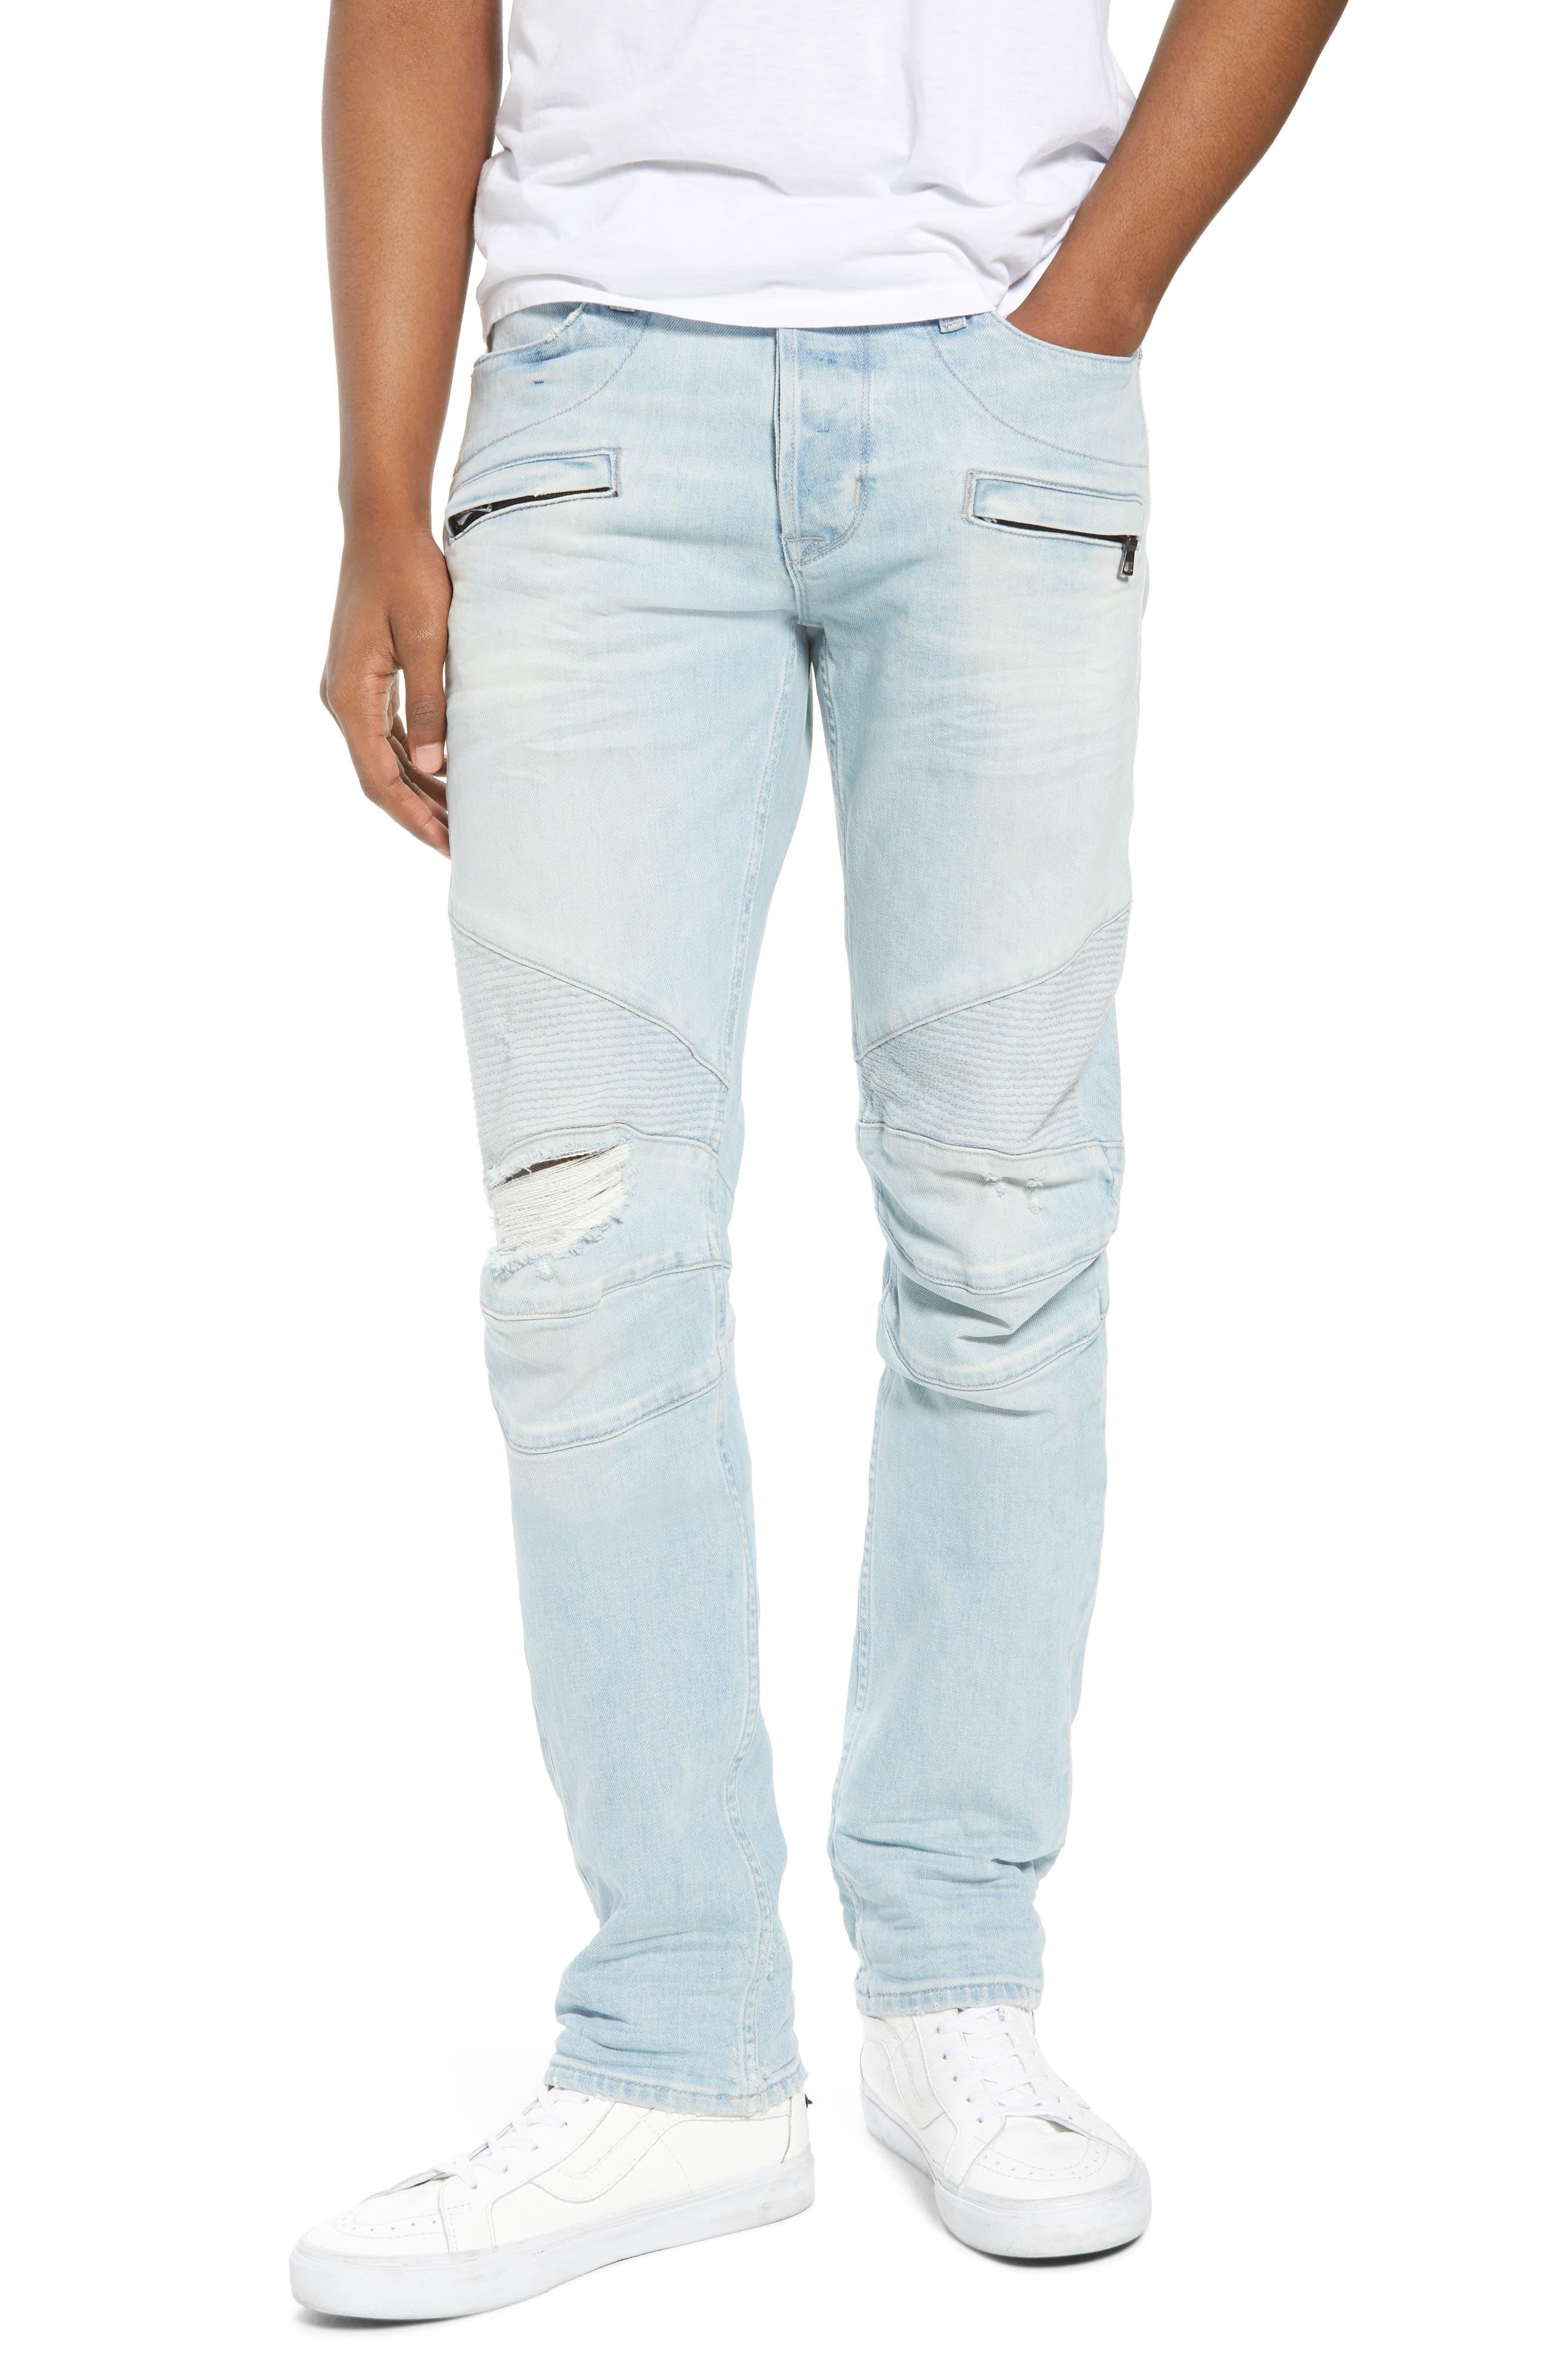 Hudson Jeans Blinder Biker Skinny Fit Jeans (Rewind Destructed)